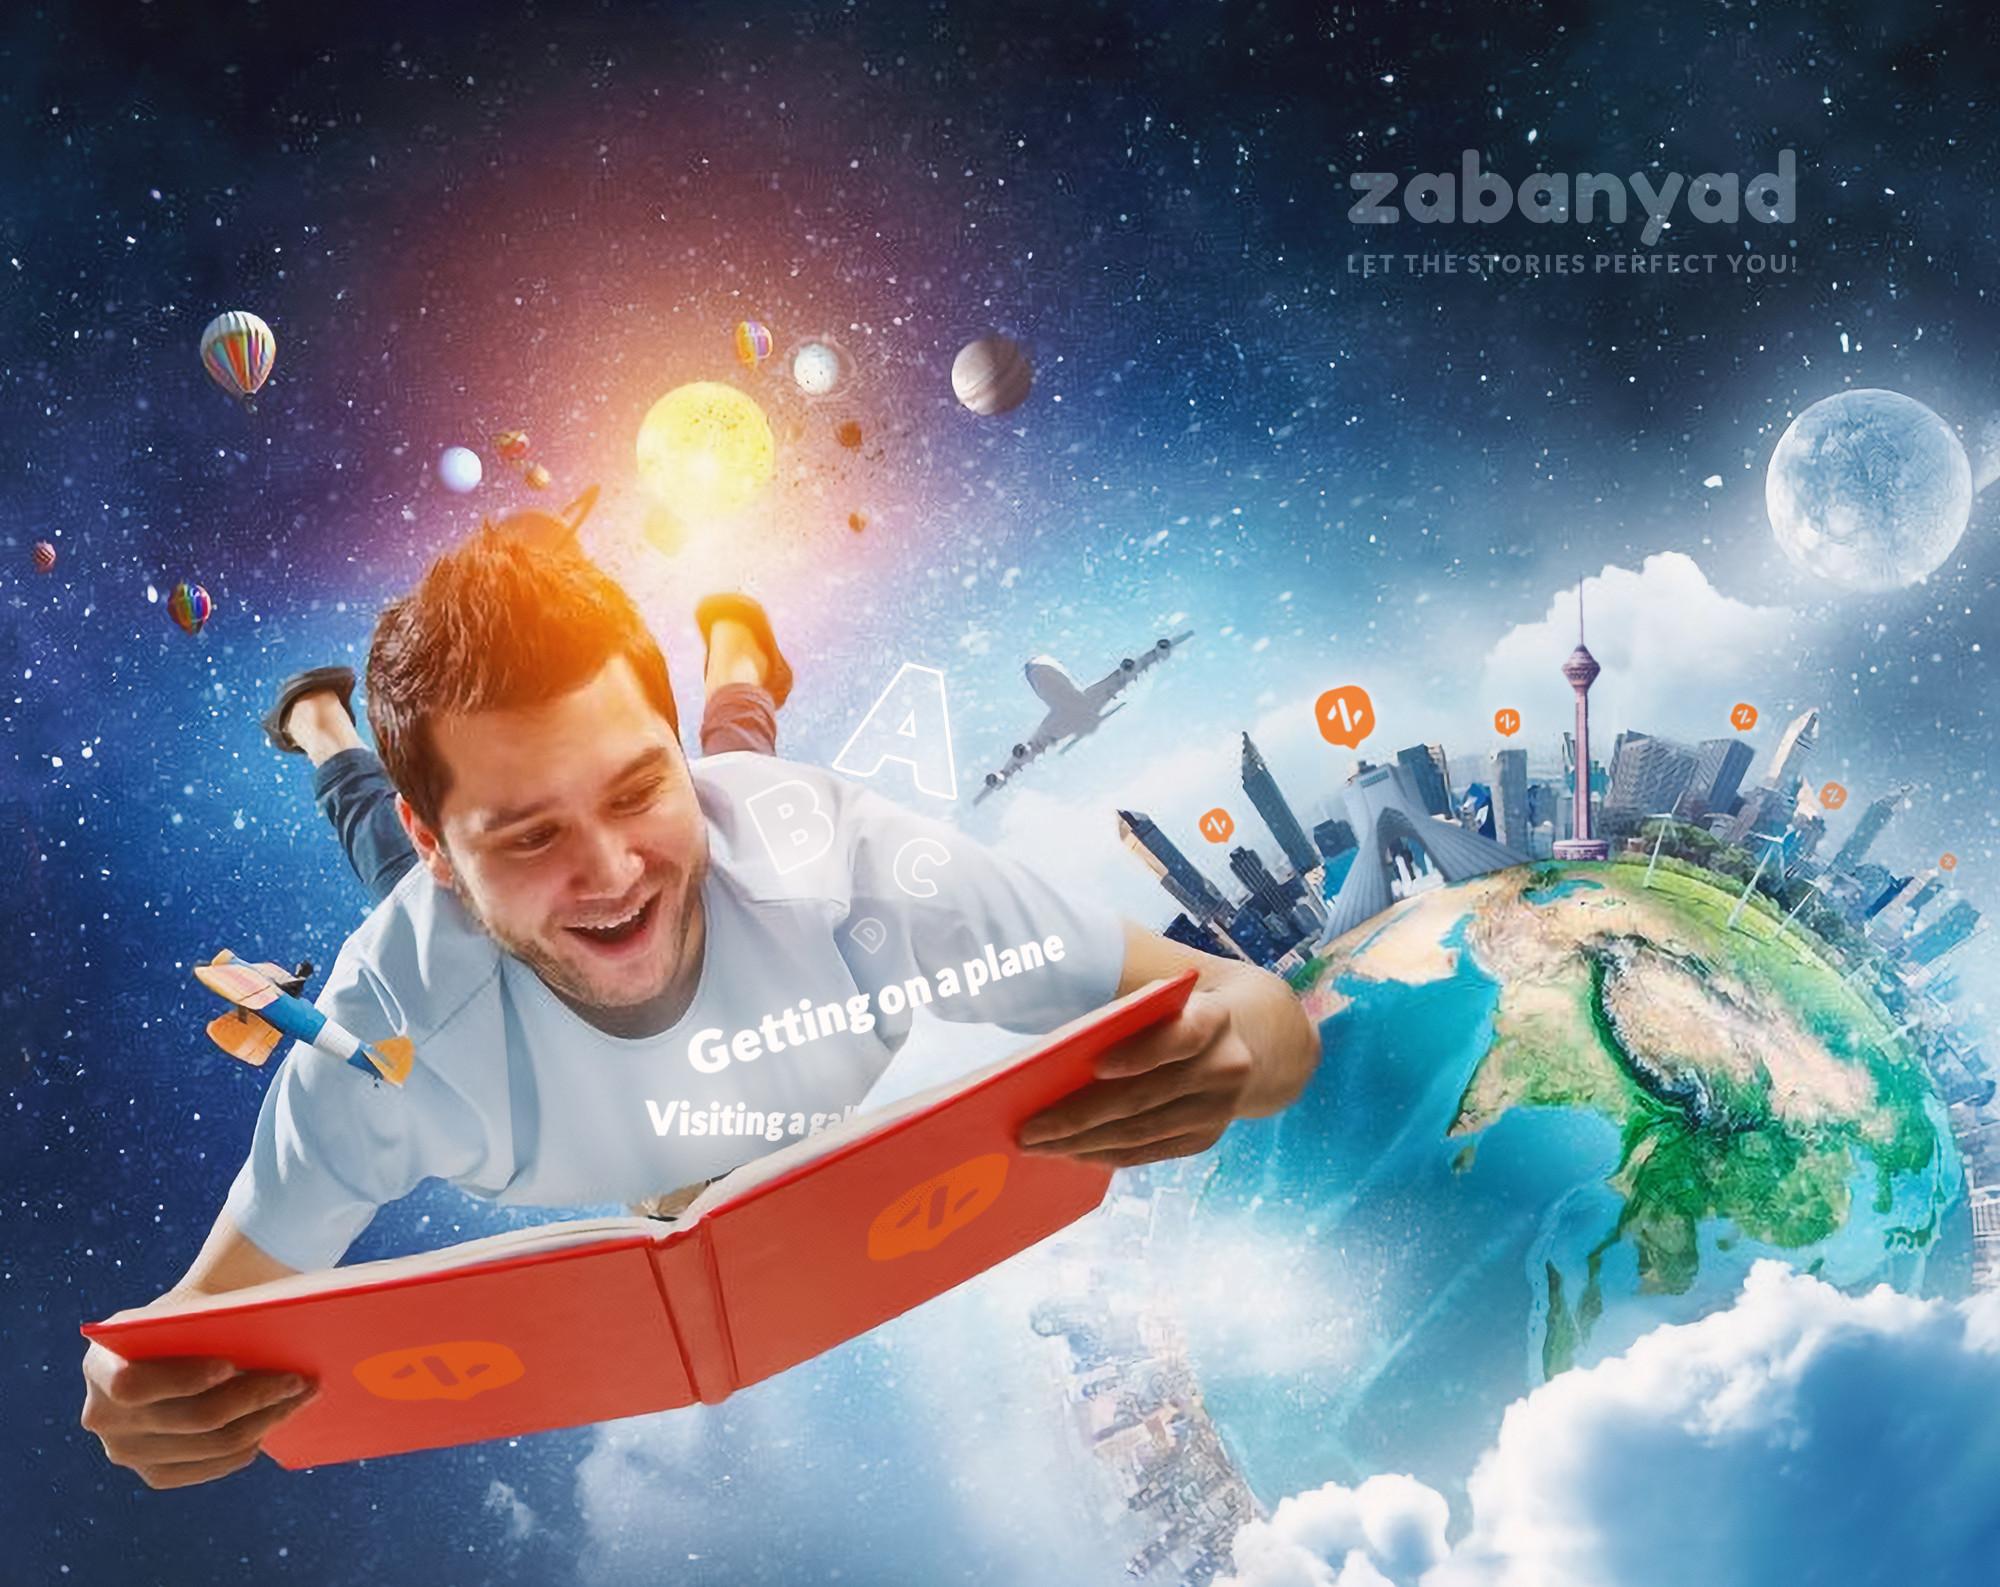 آموزش زبان انگلیسی به شیوهای جدید